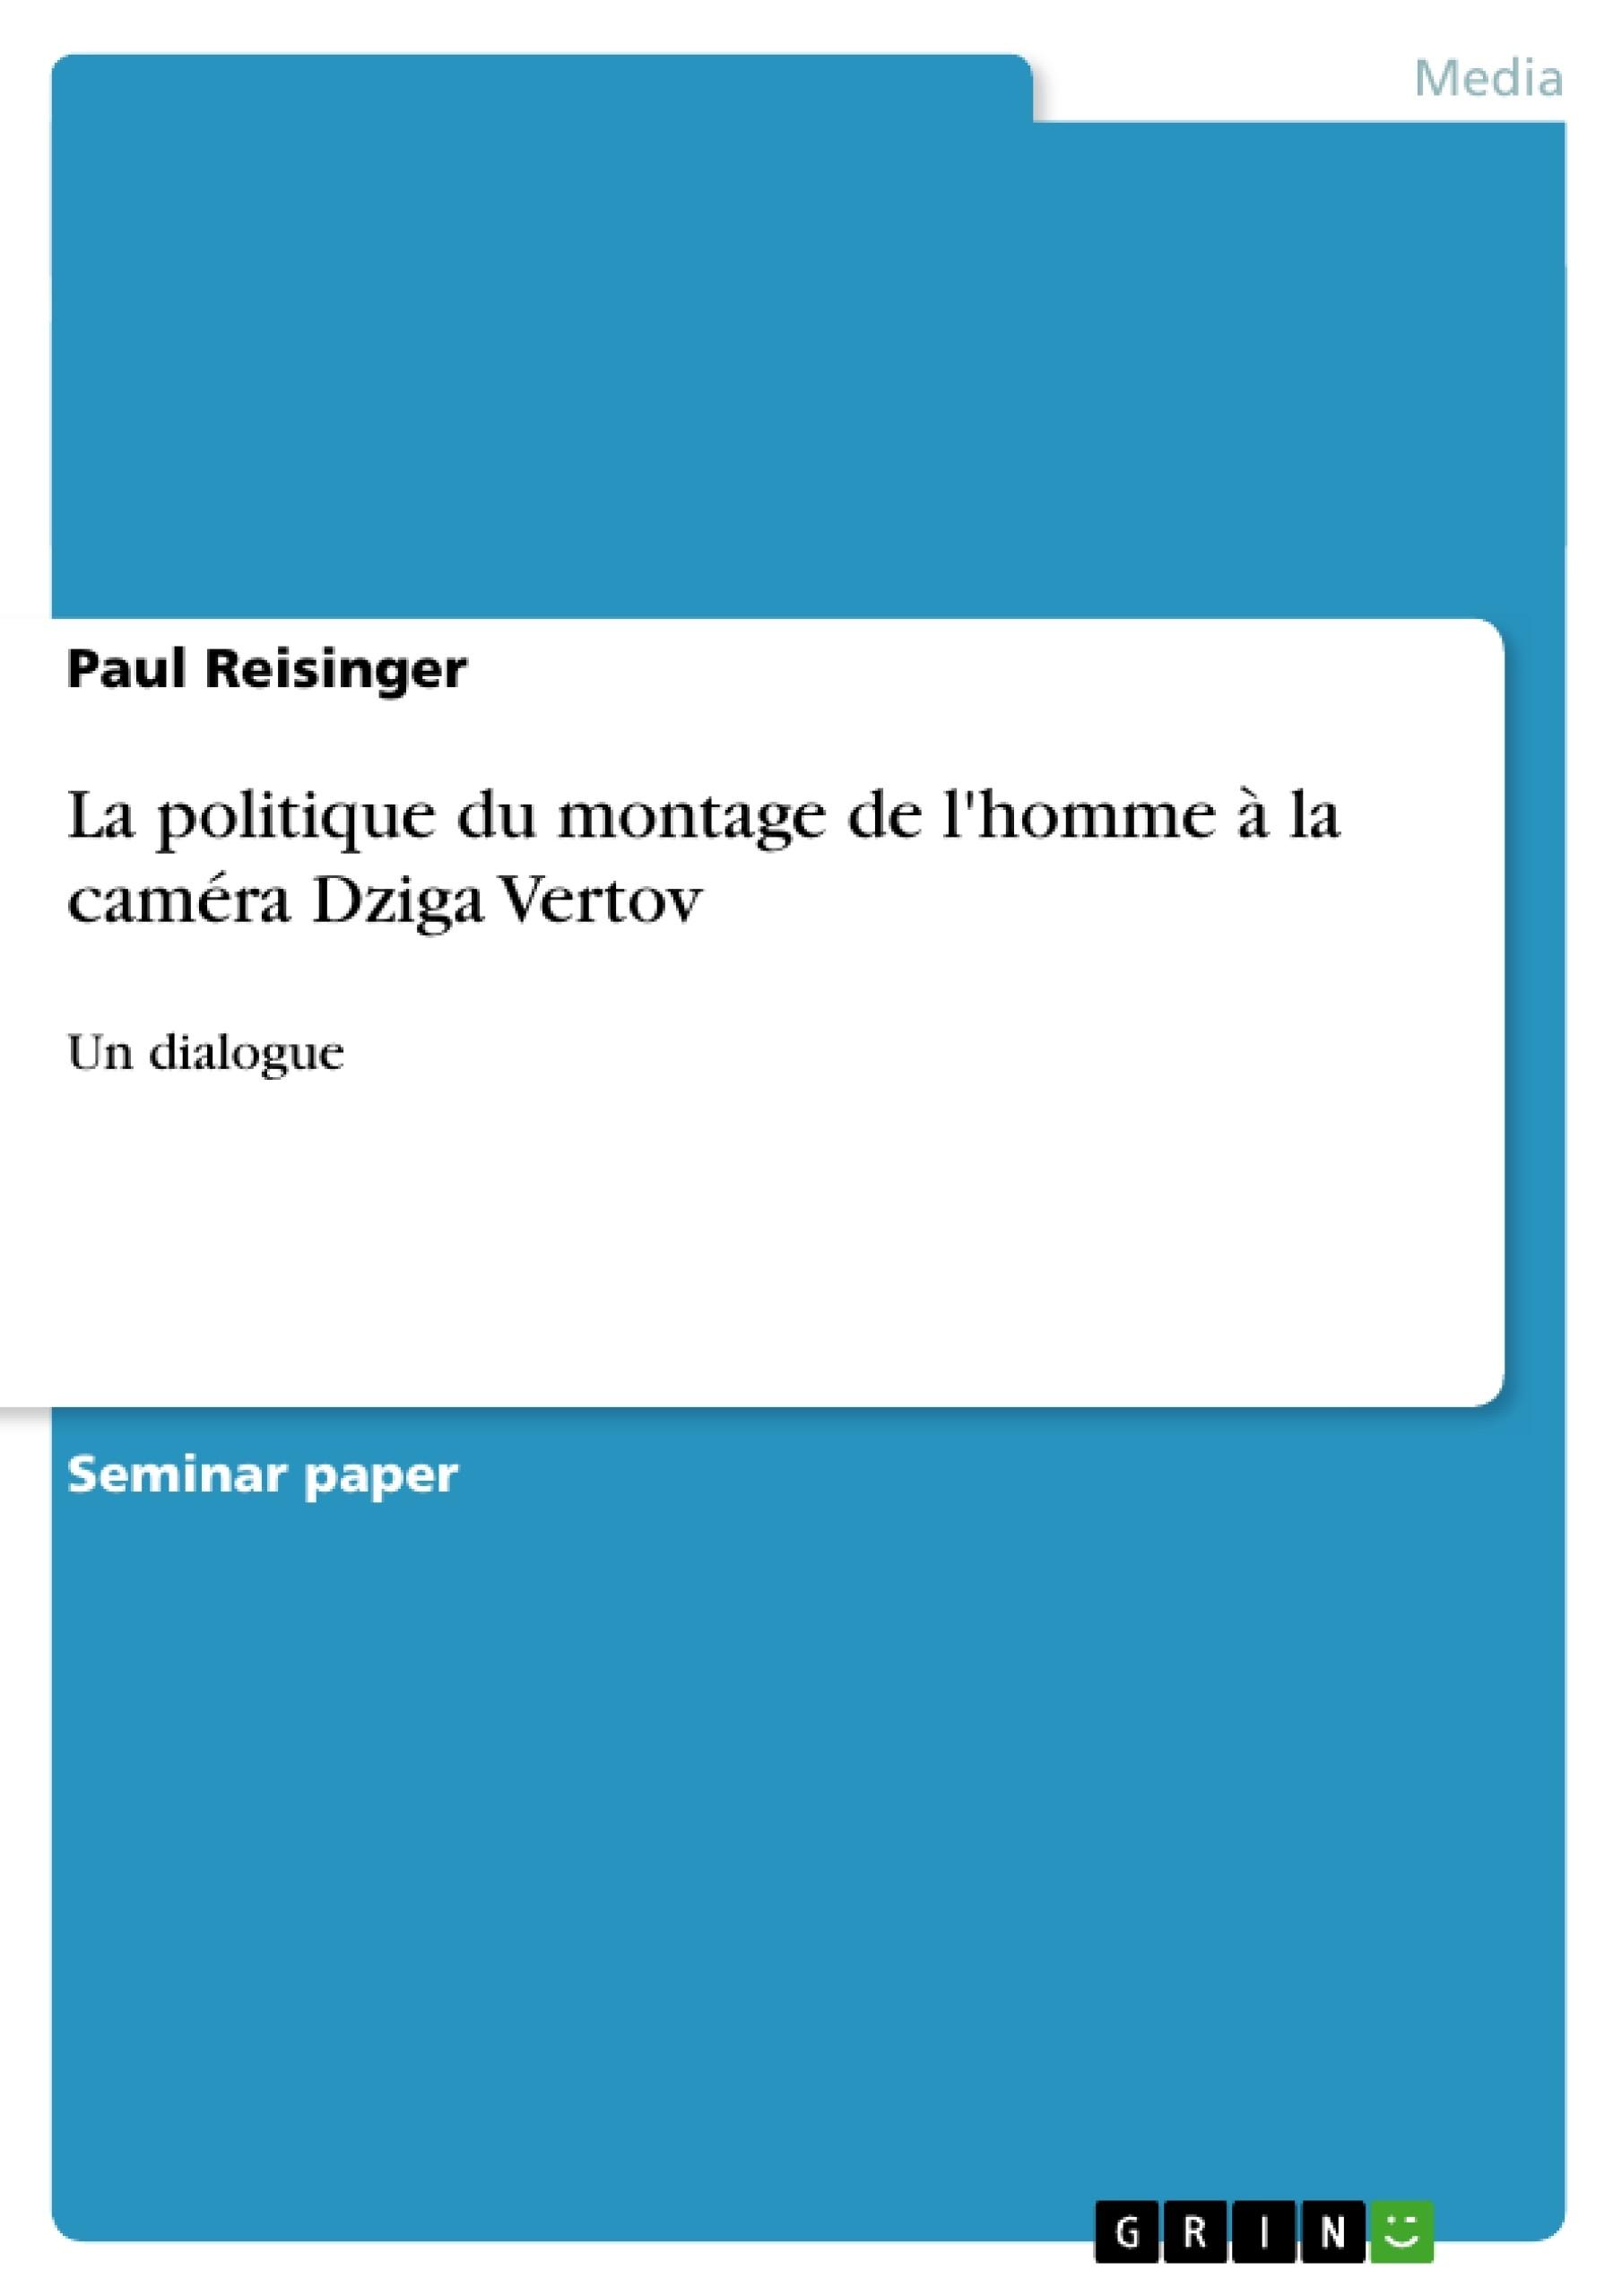 Titre: La politique du montage de l'homme à la caméra Dziga Vertov